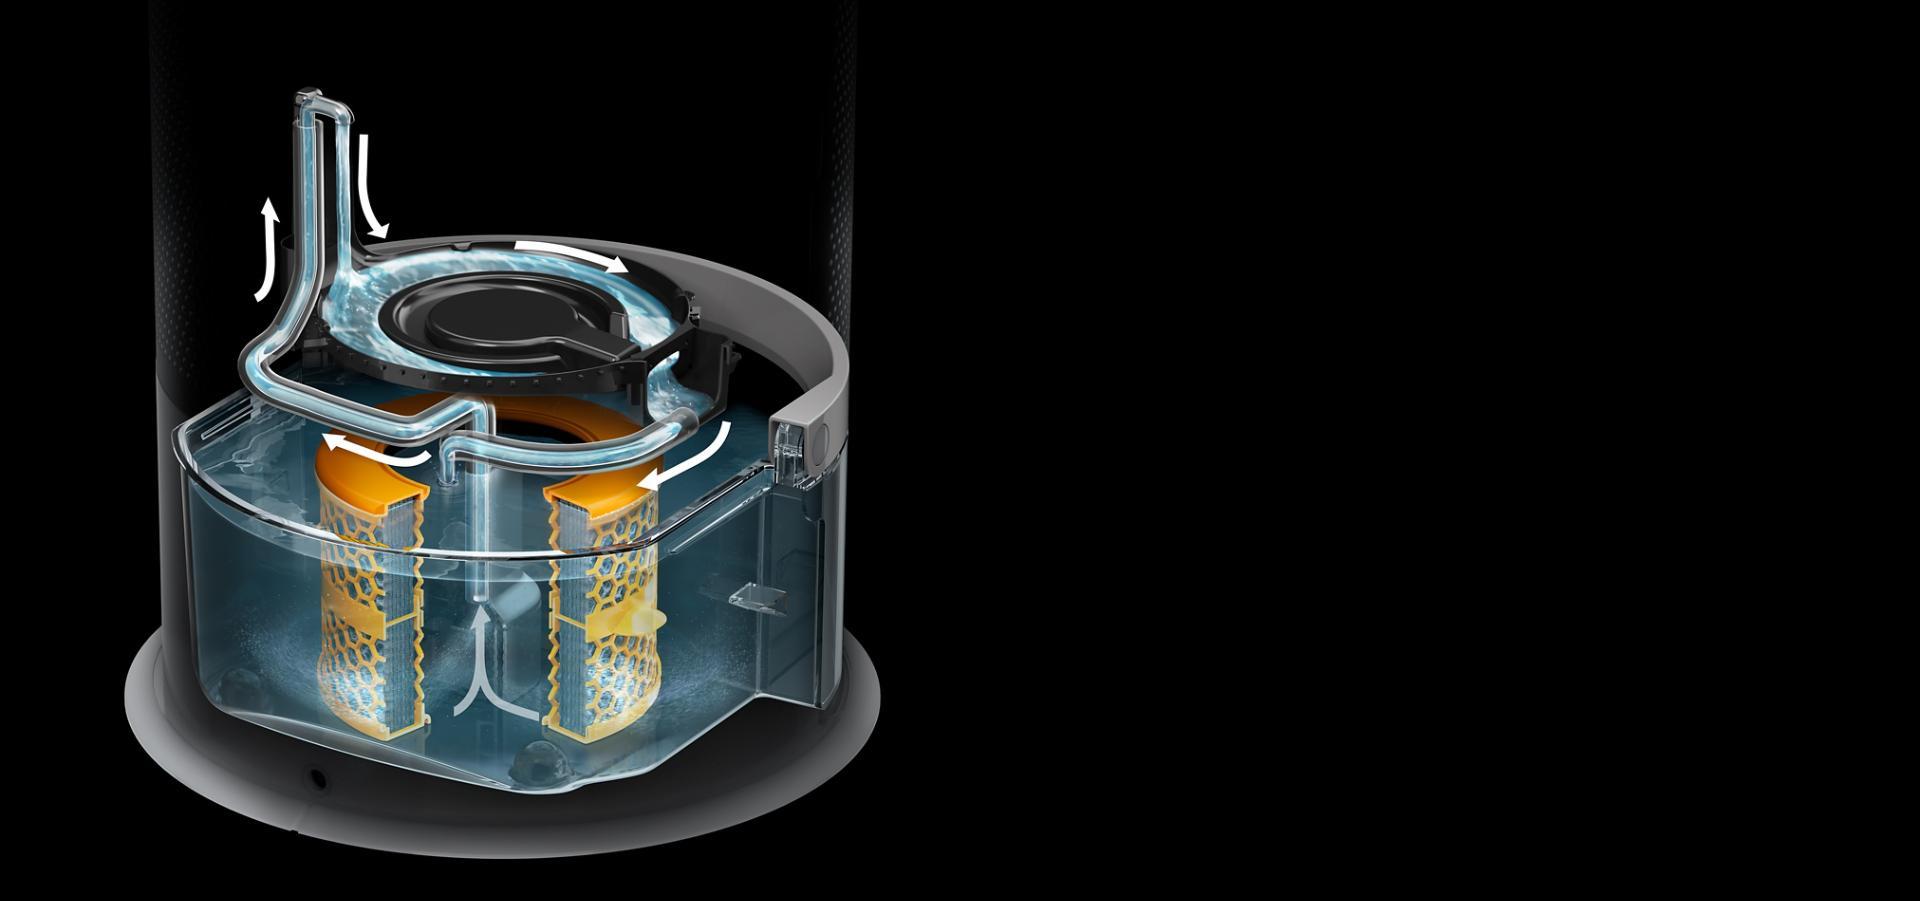 Przekrój przez urządzenie przeprowadzające cykl głębokiego oczyszczania